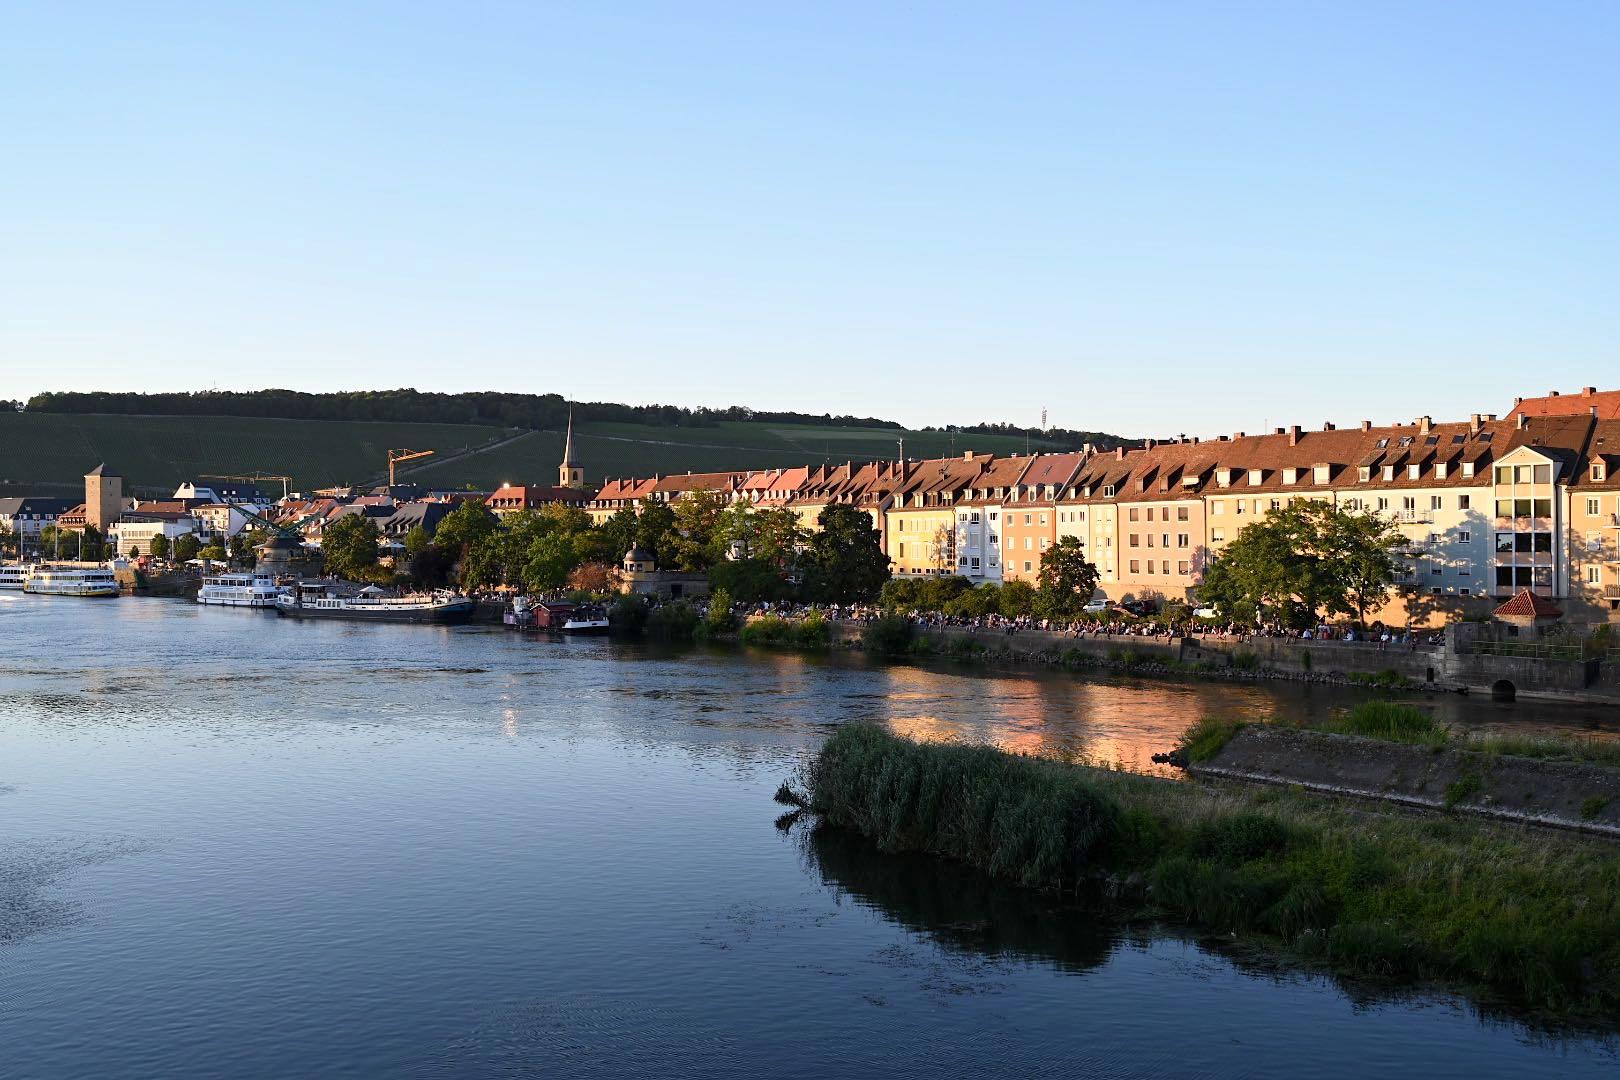 wuerzburg sehenswuerdigkeiten tipps 14 - Würzburg: Sehenswürdigkeiten und Tipps